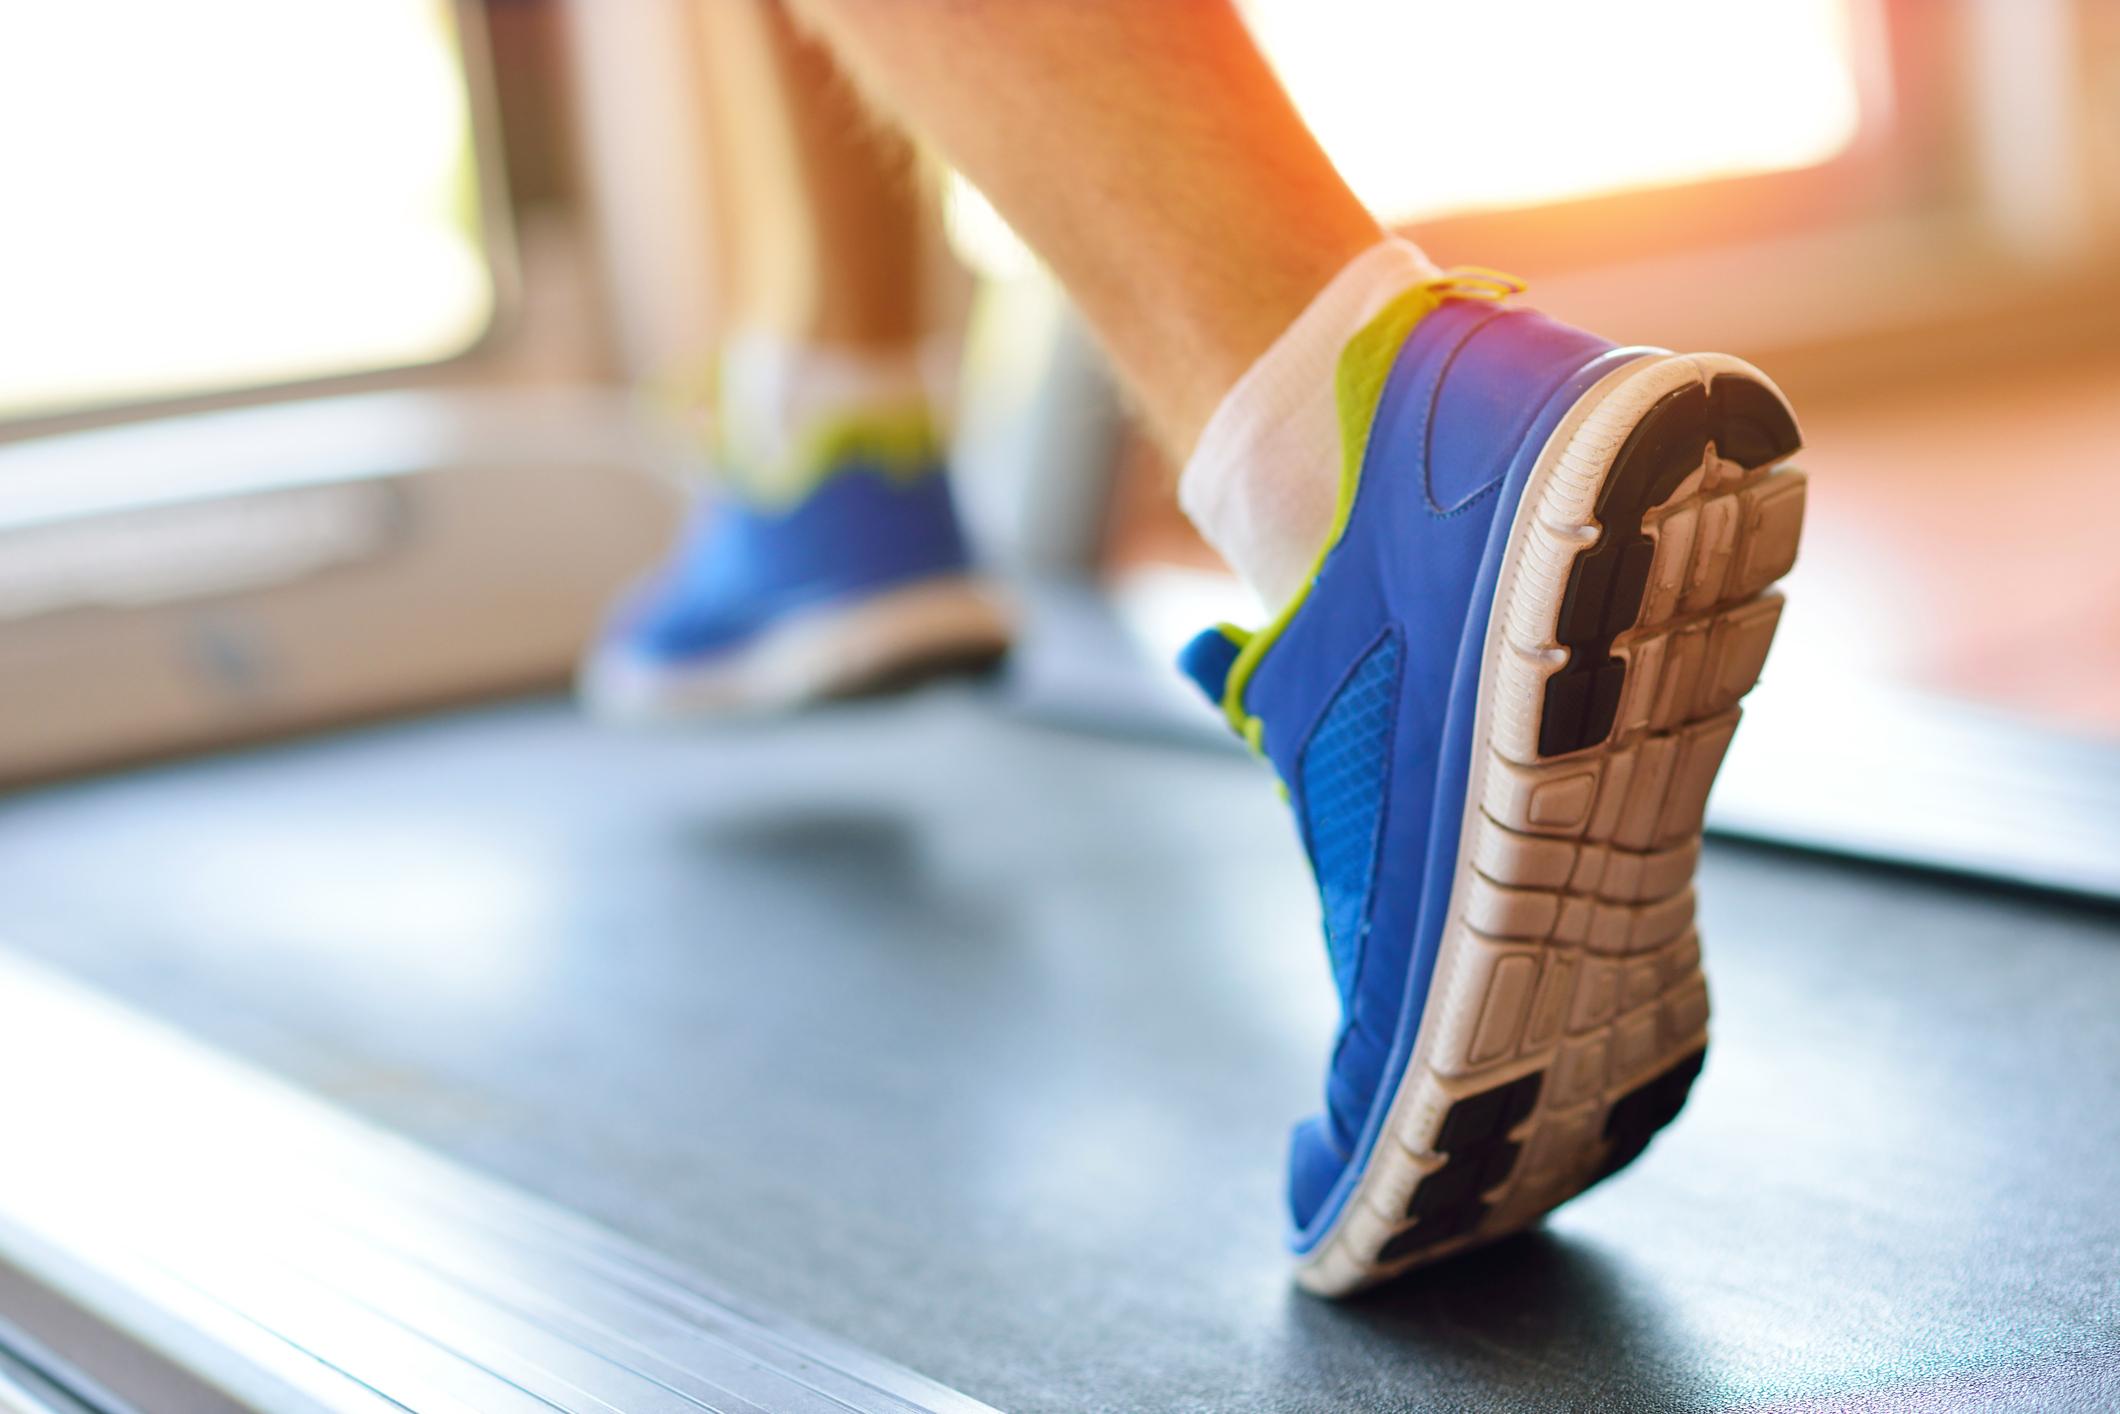 Problemi al piede – come ti può aiutare un tutore elastico